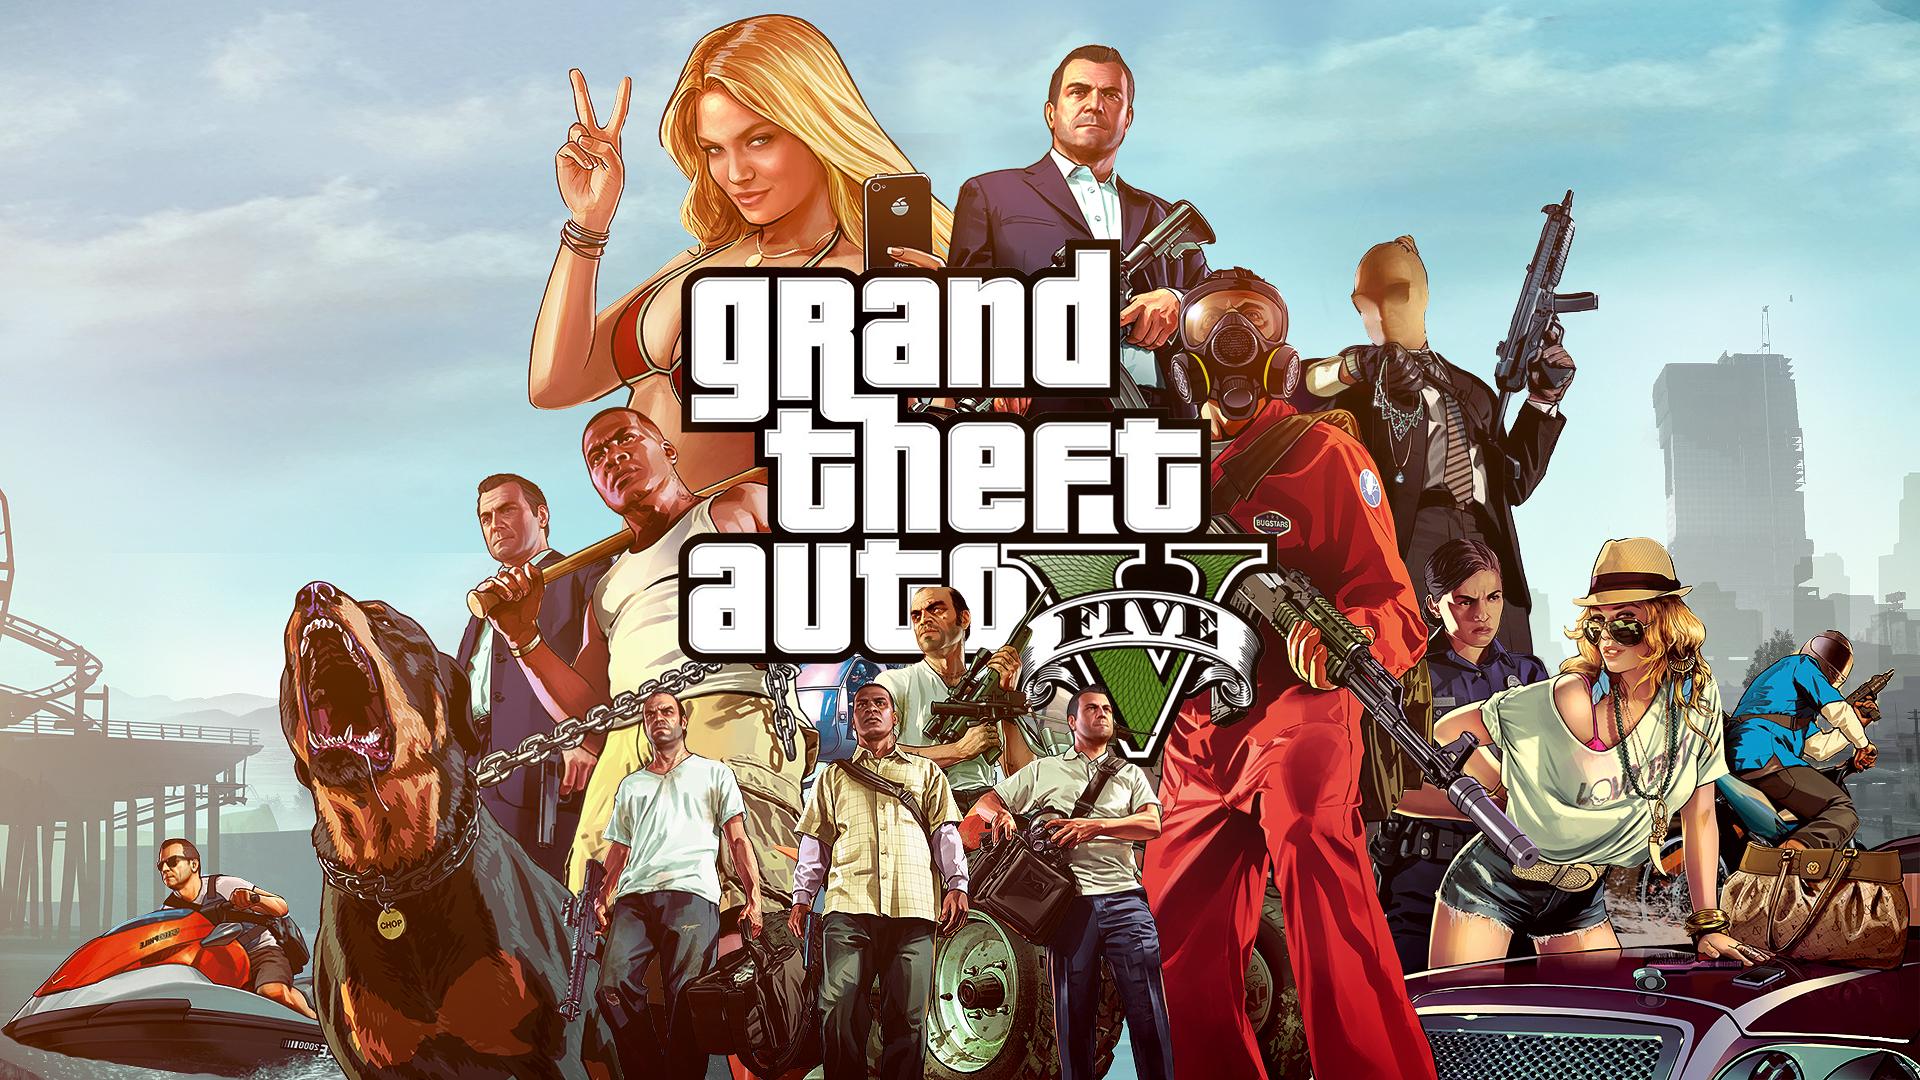 wallpapers Grand Theft Auto 5 fondos gta v   grand theft auto v 1920x1080